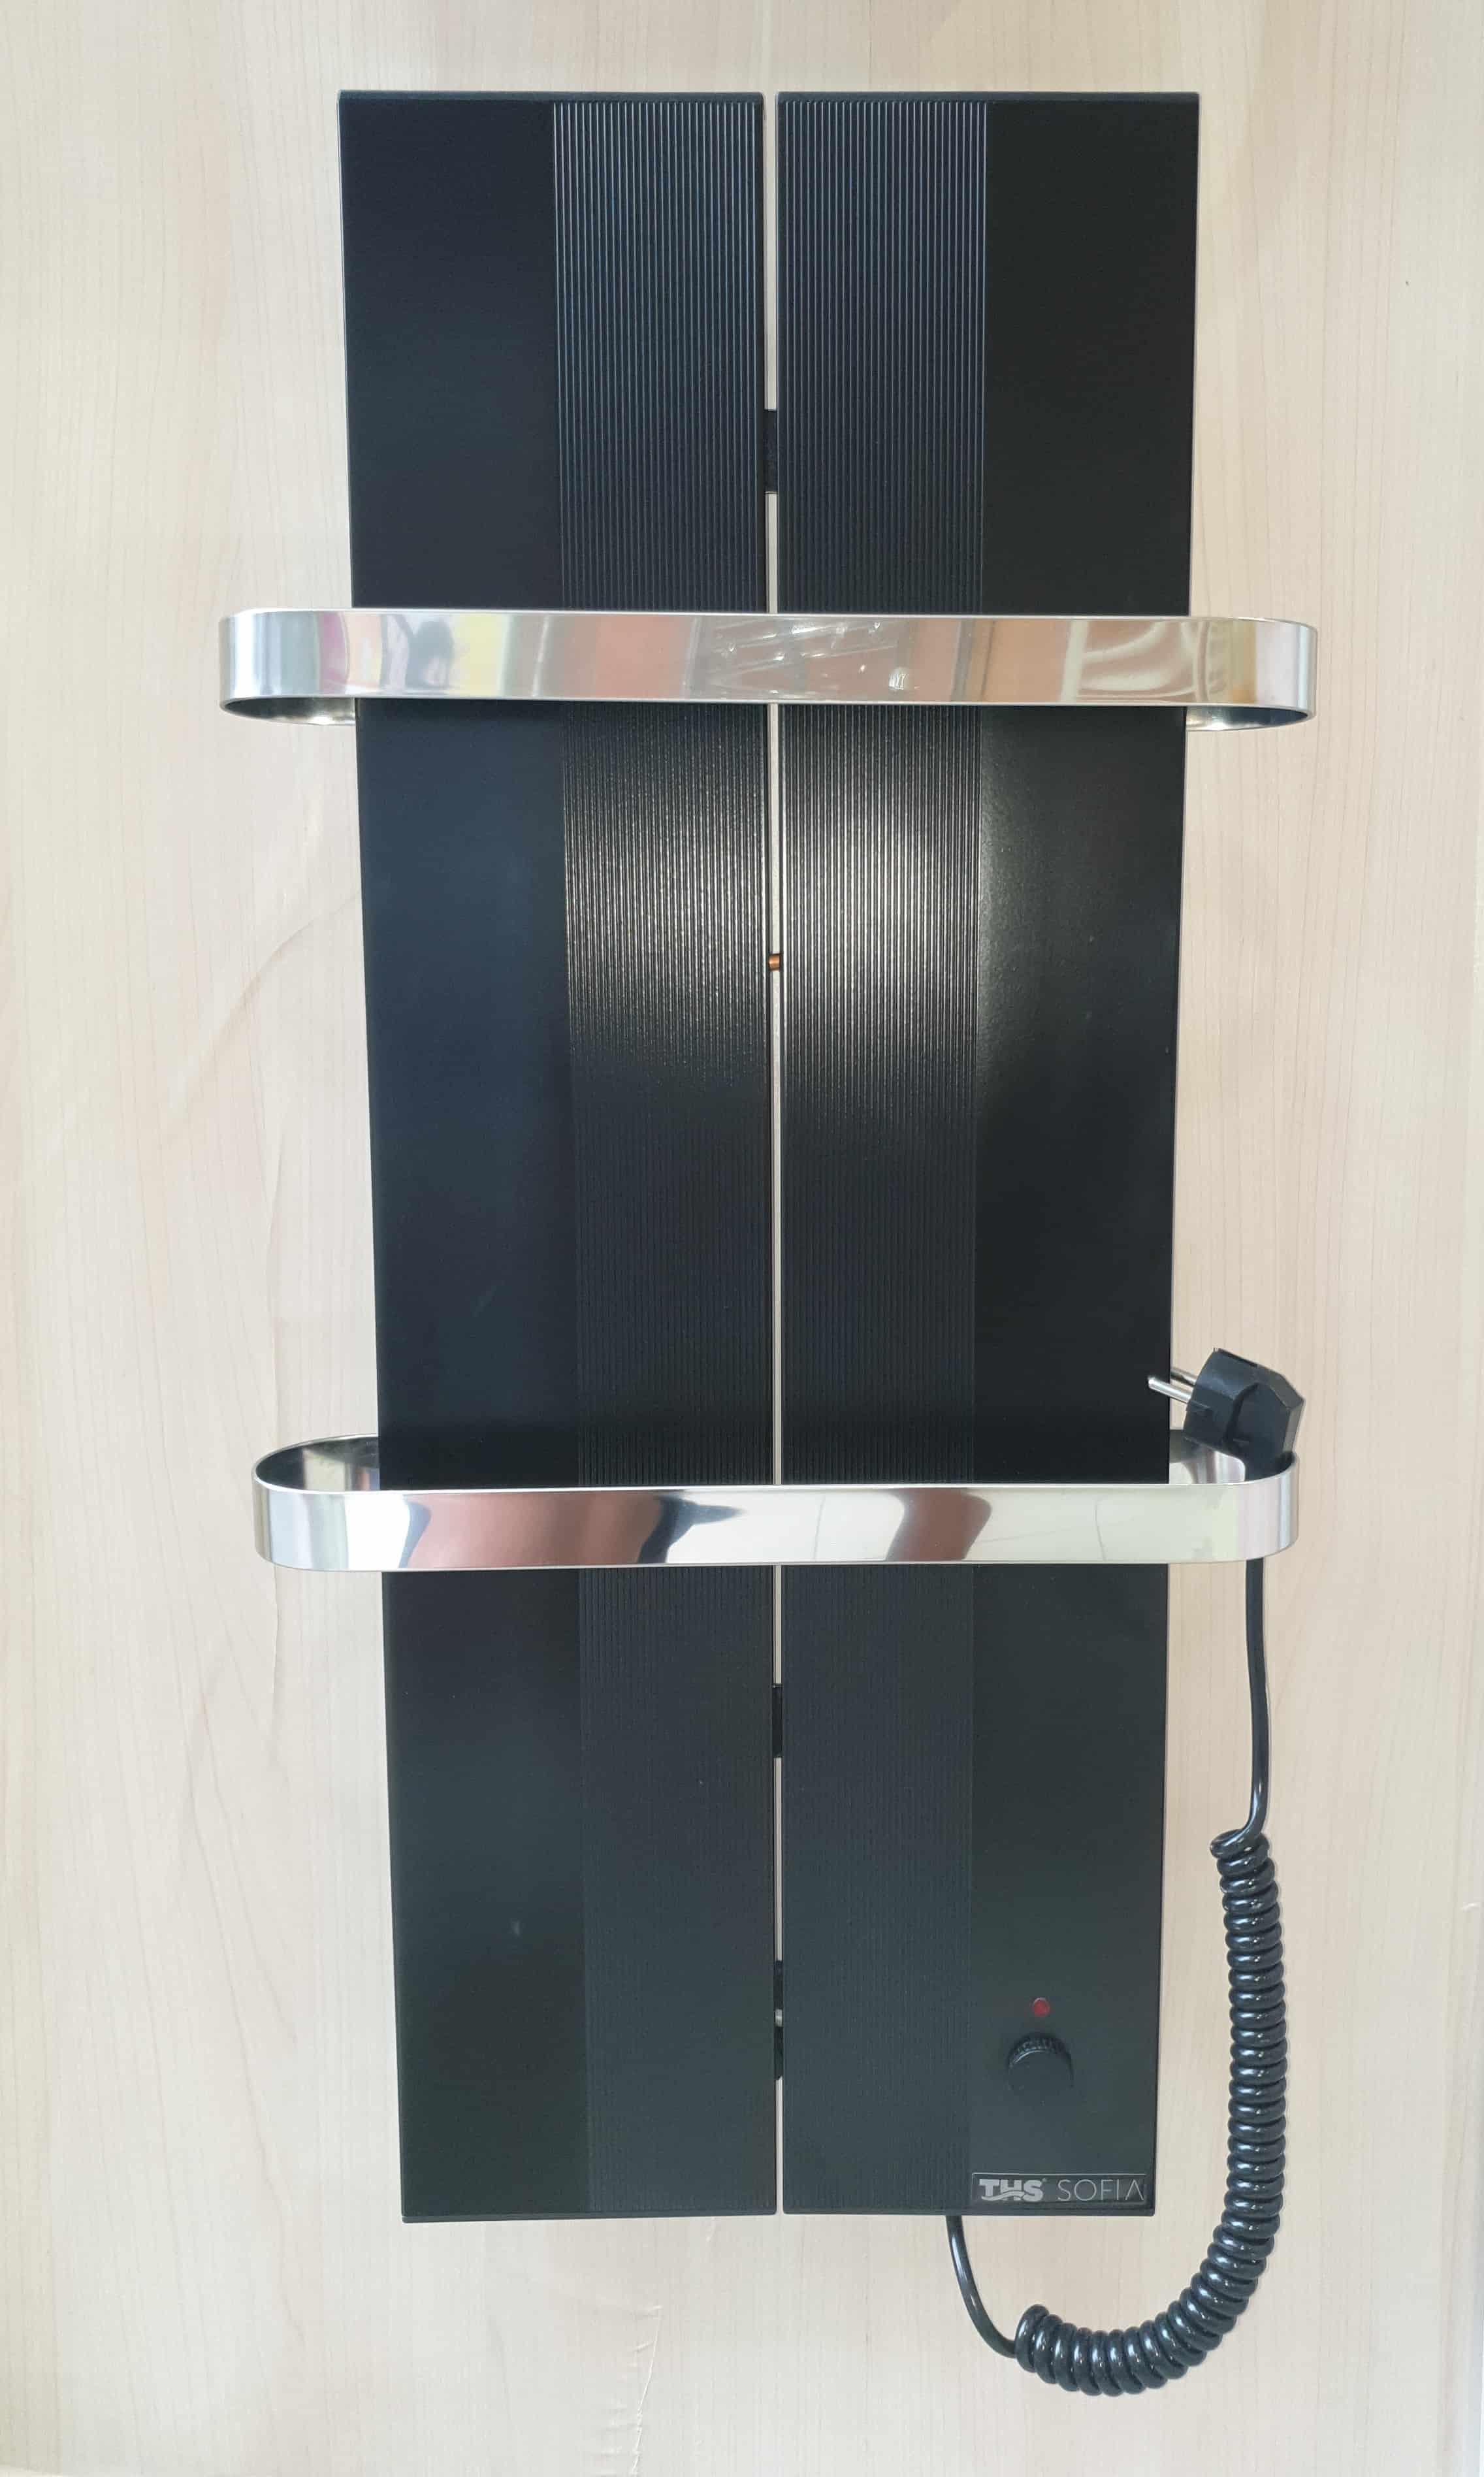 Електрическа лира за баня SOFIA черна хром